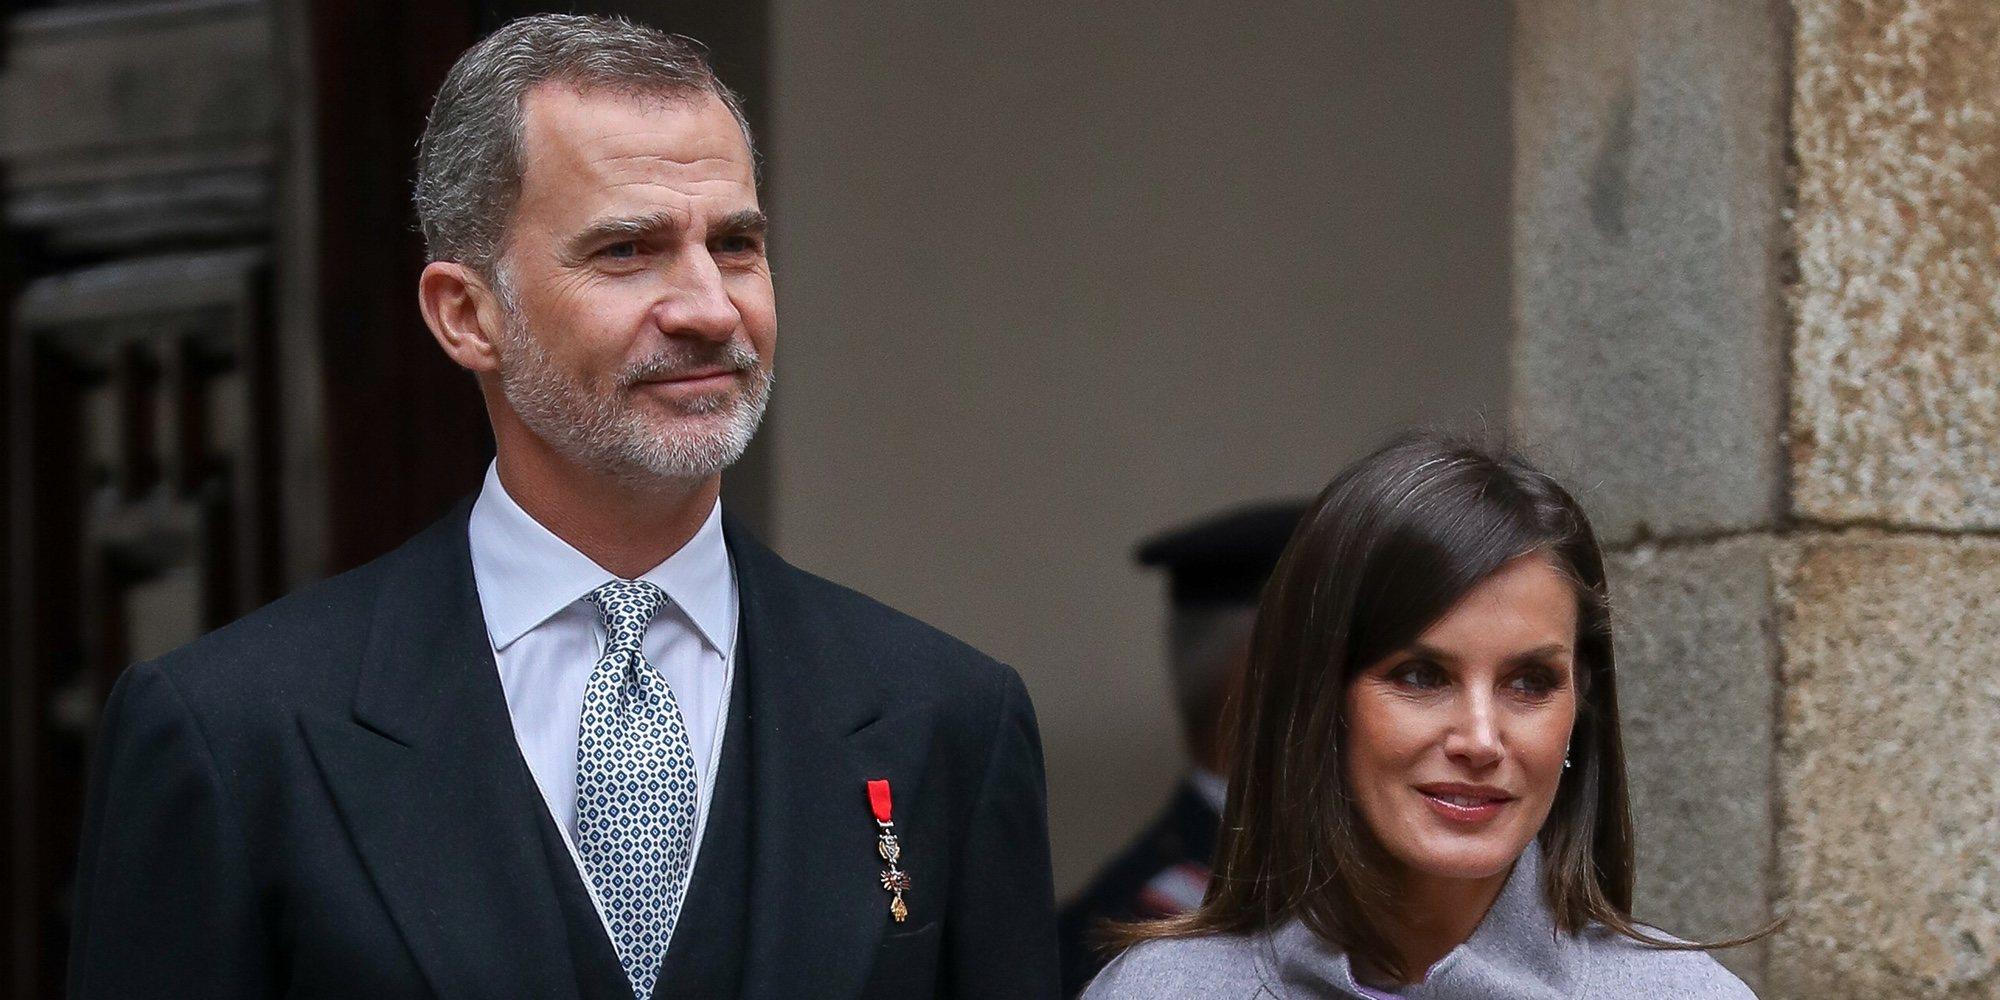 Los Reyes Felipe y Letizia vuelven a la agenda oficial tras la Semana Semana con la entrega del Cervantes 2018